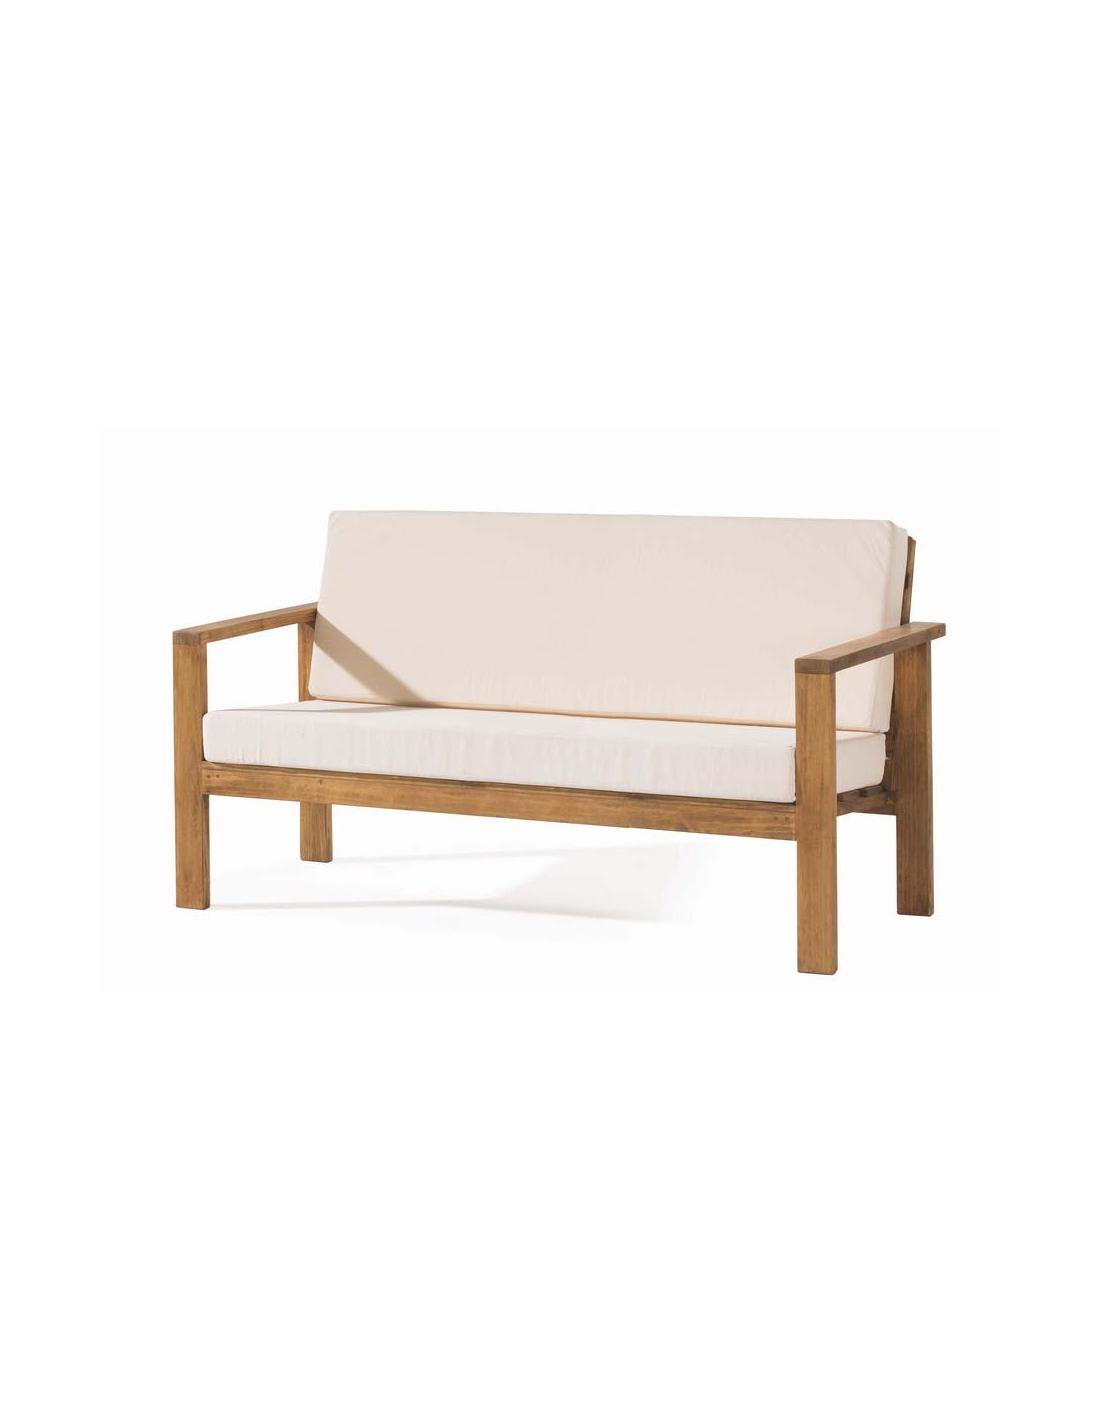 Comprar sof de madera de tres plazas estilo rustico minimal - Sofas de madera ...